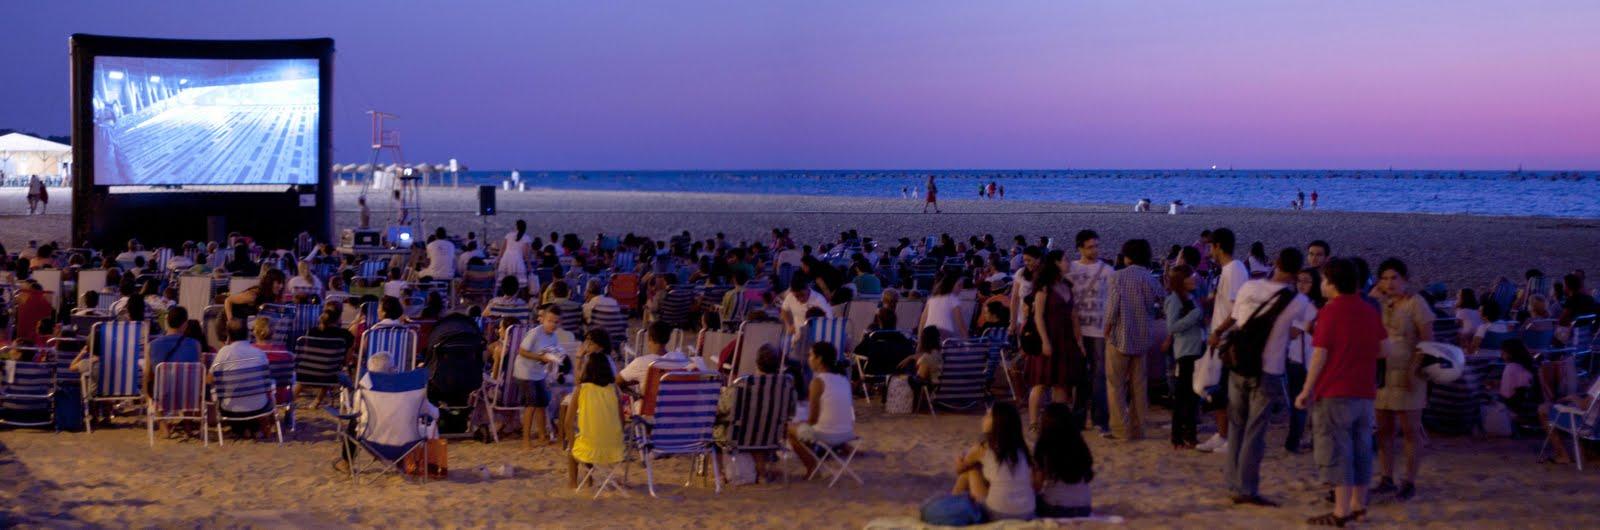 Cine en la playa 2017